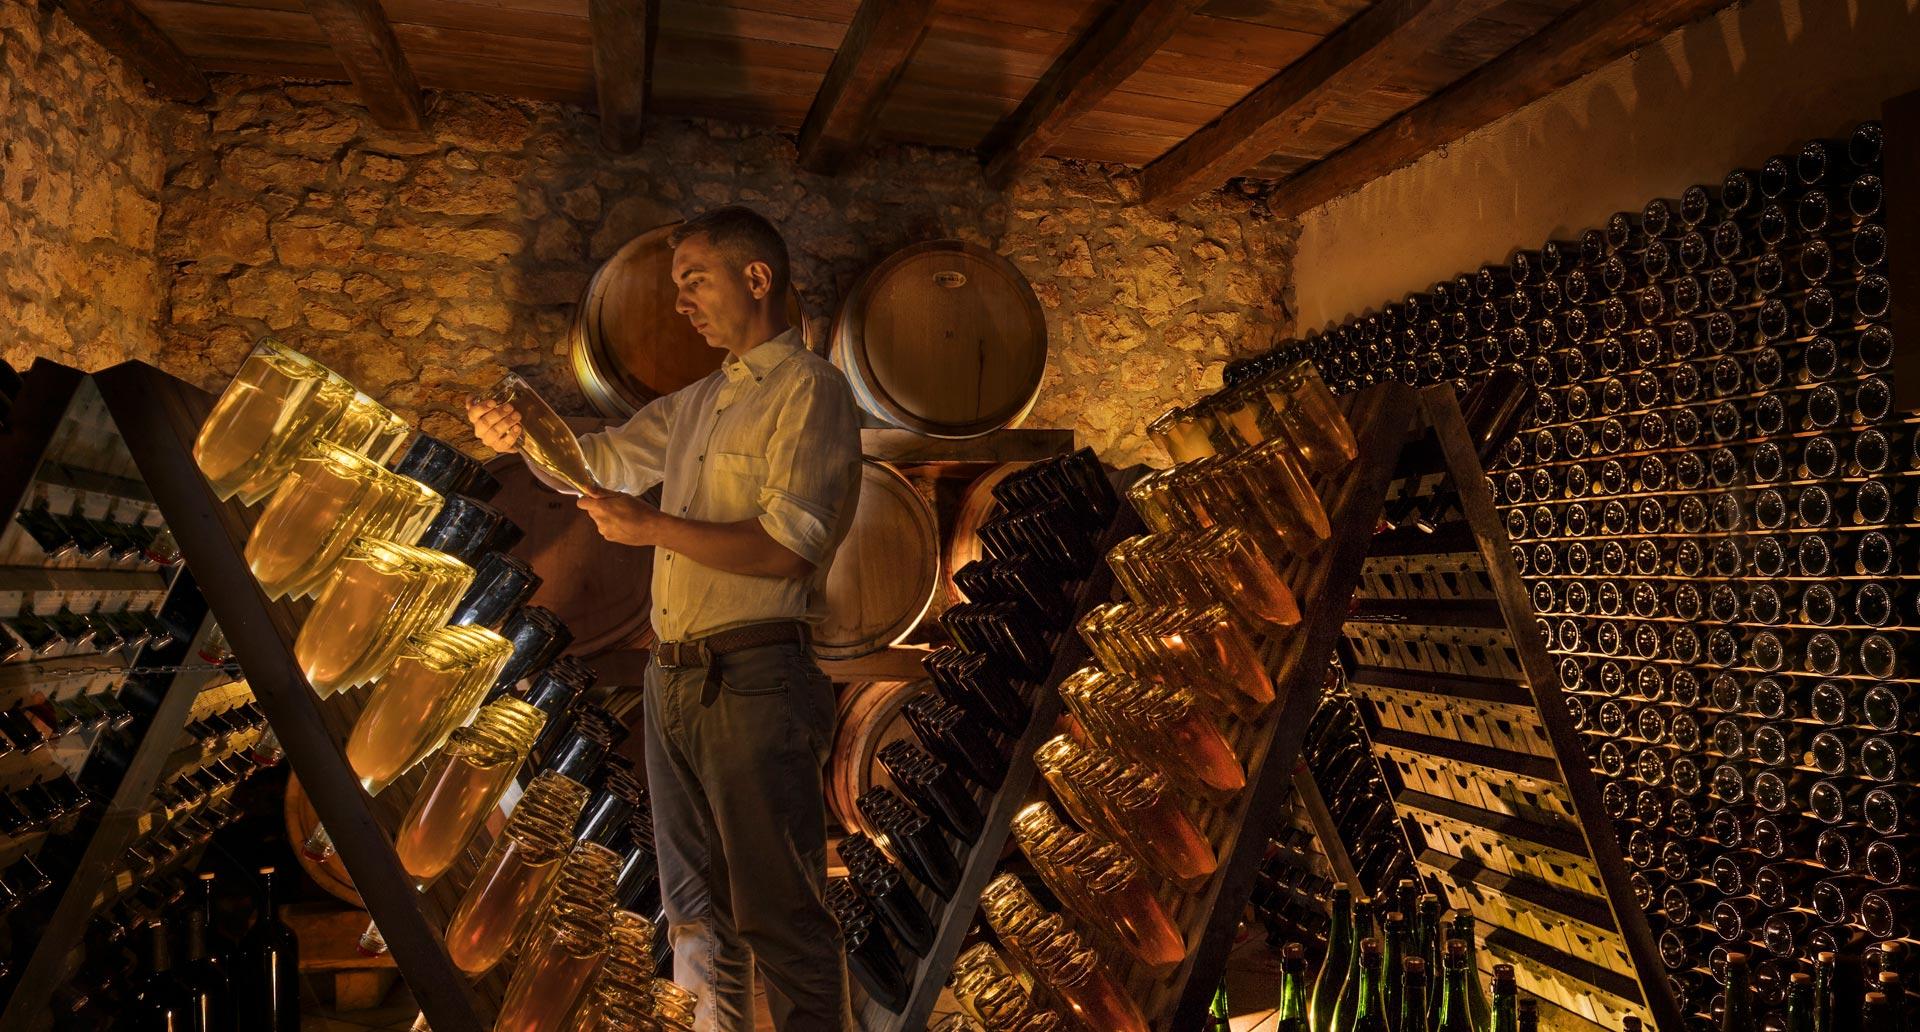 Sommelier u vinskom podrumu - lifestyle fotografija